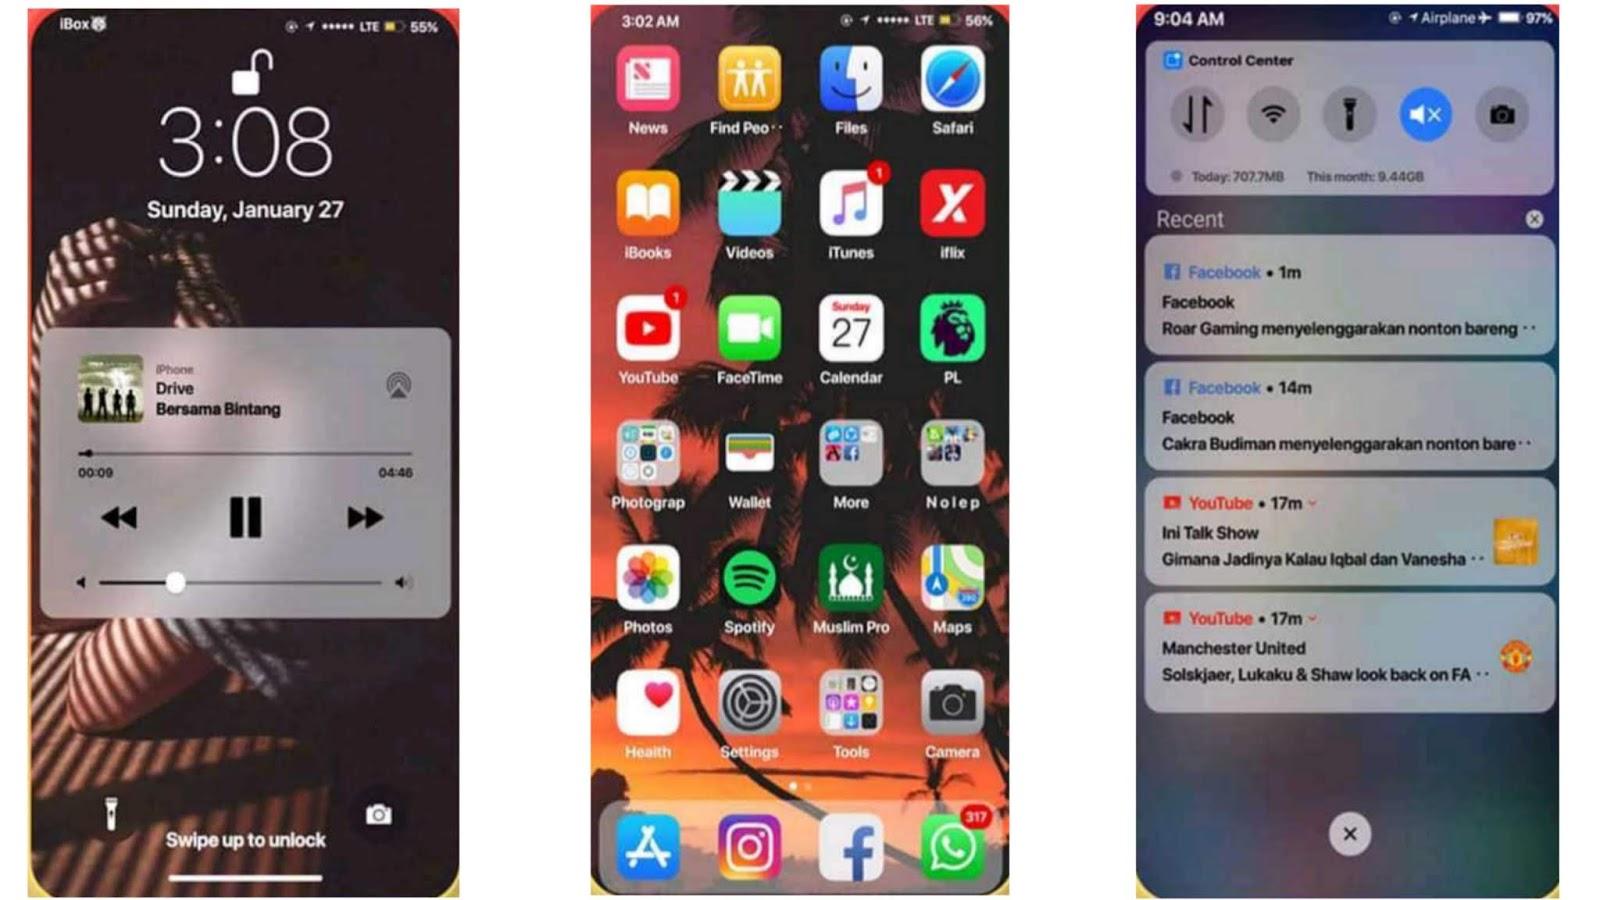 😝 Ios 12 theme download for miui | [THEME] MiiOS Pro (iOS 12 + MIUI